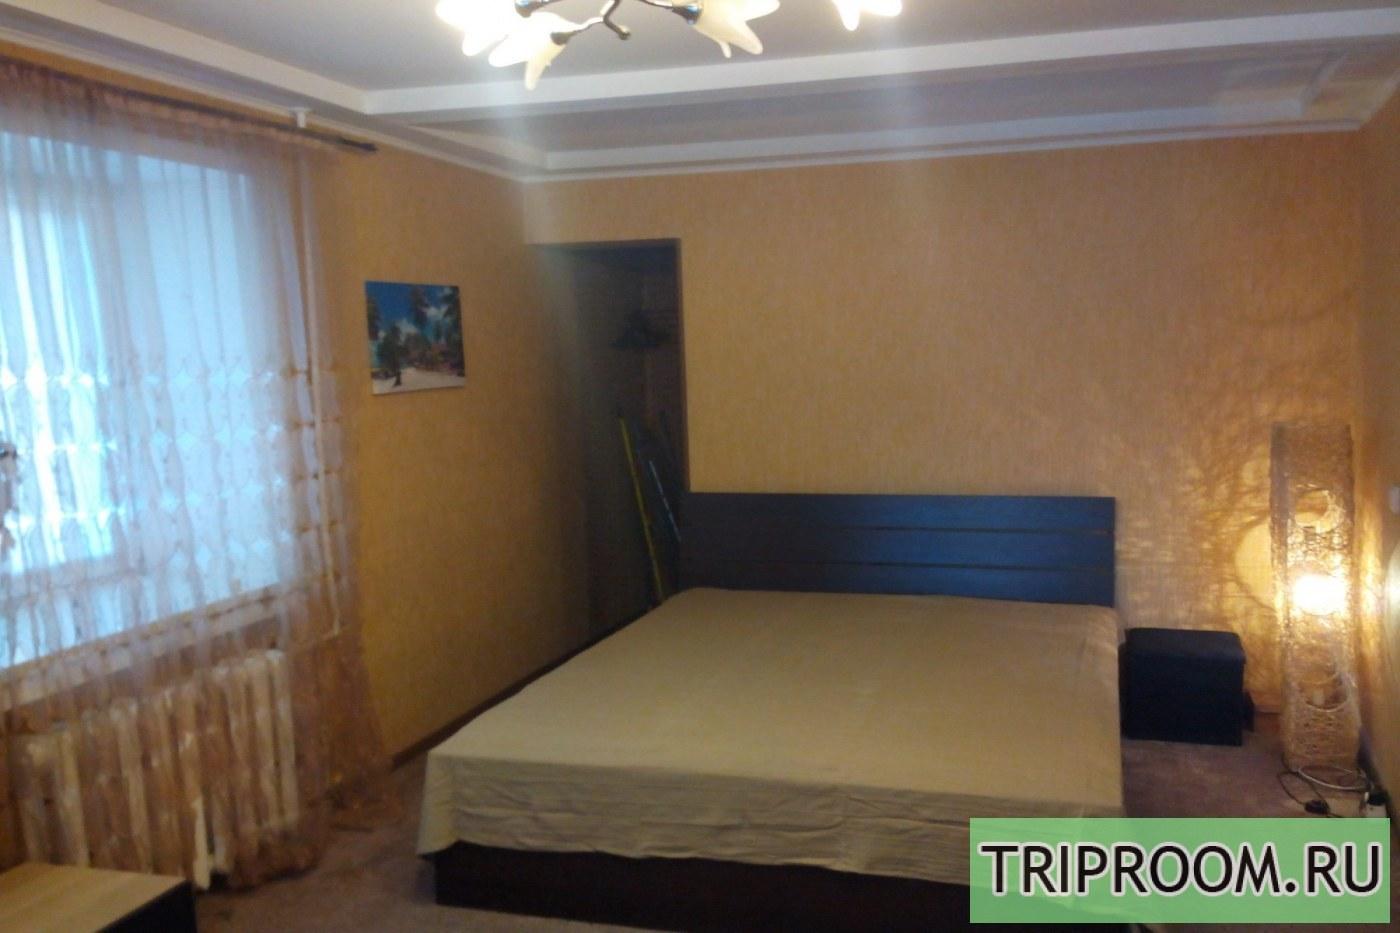 1-комнатная квартира посуточно (вариант № 5761), ул. Карла Маркса проспект, фото № 2